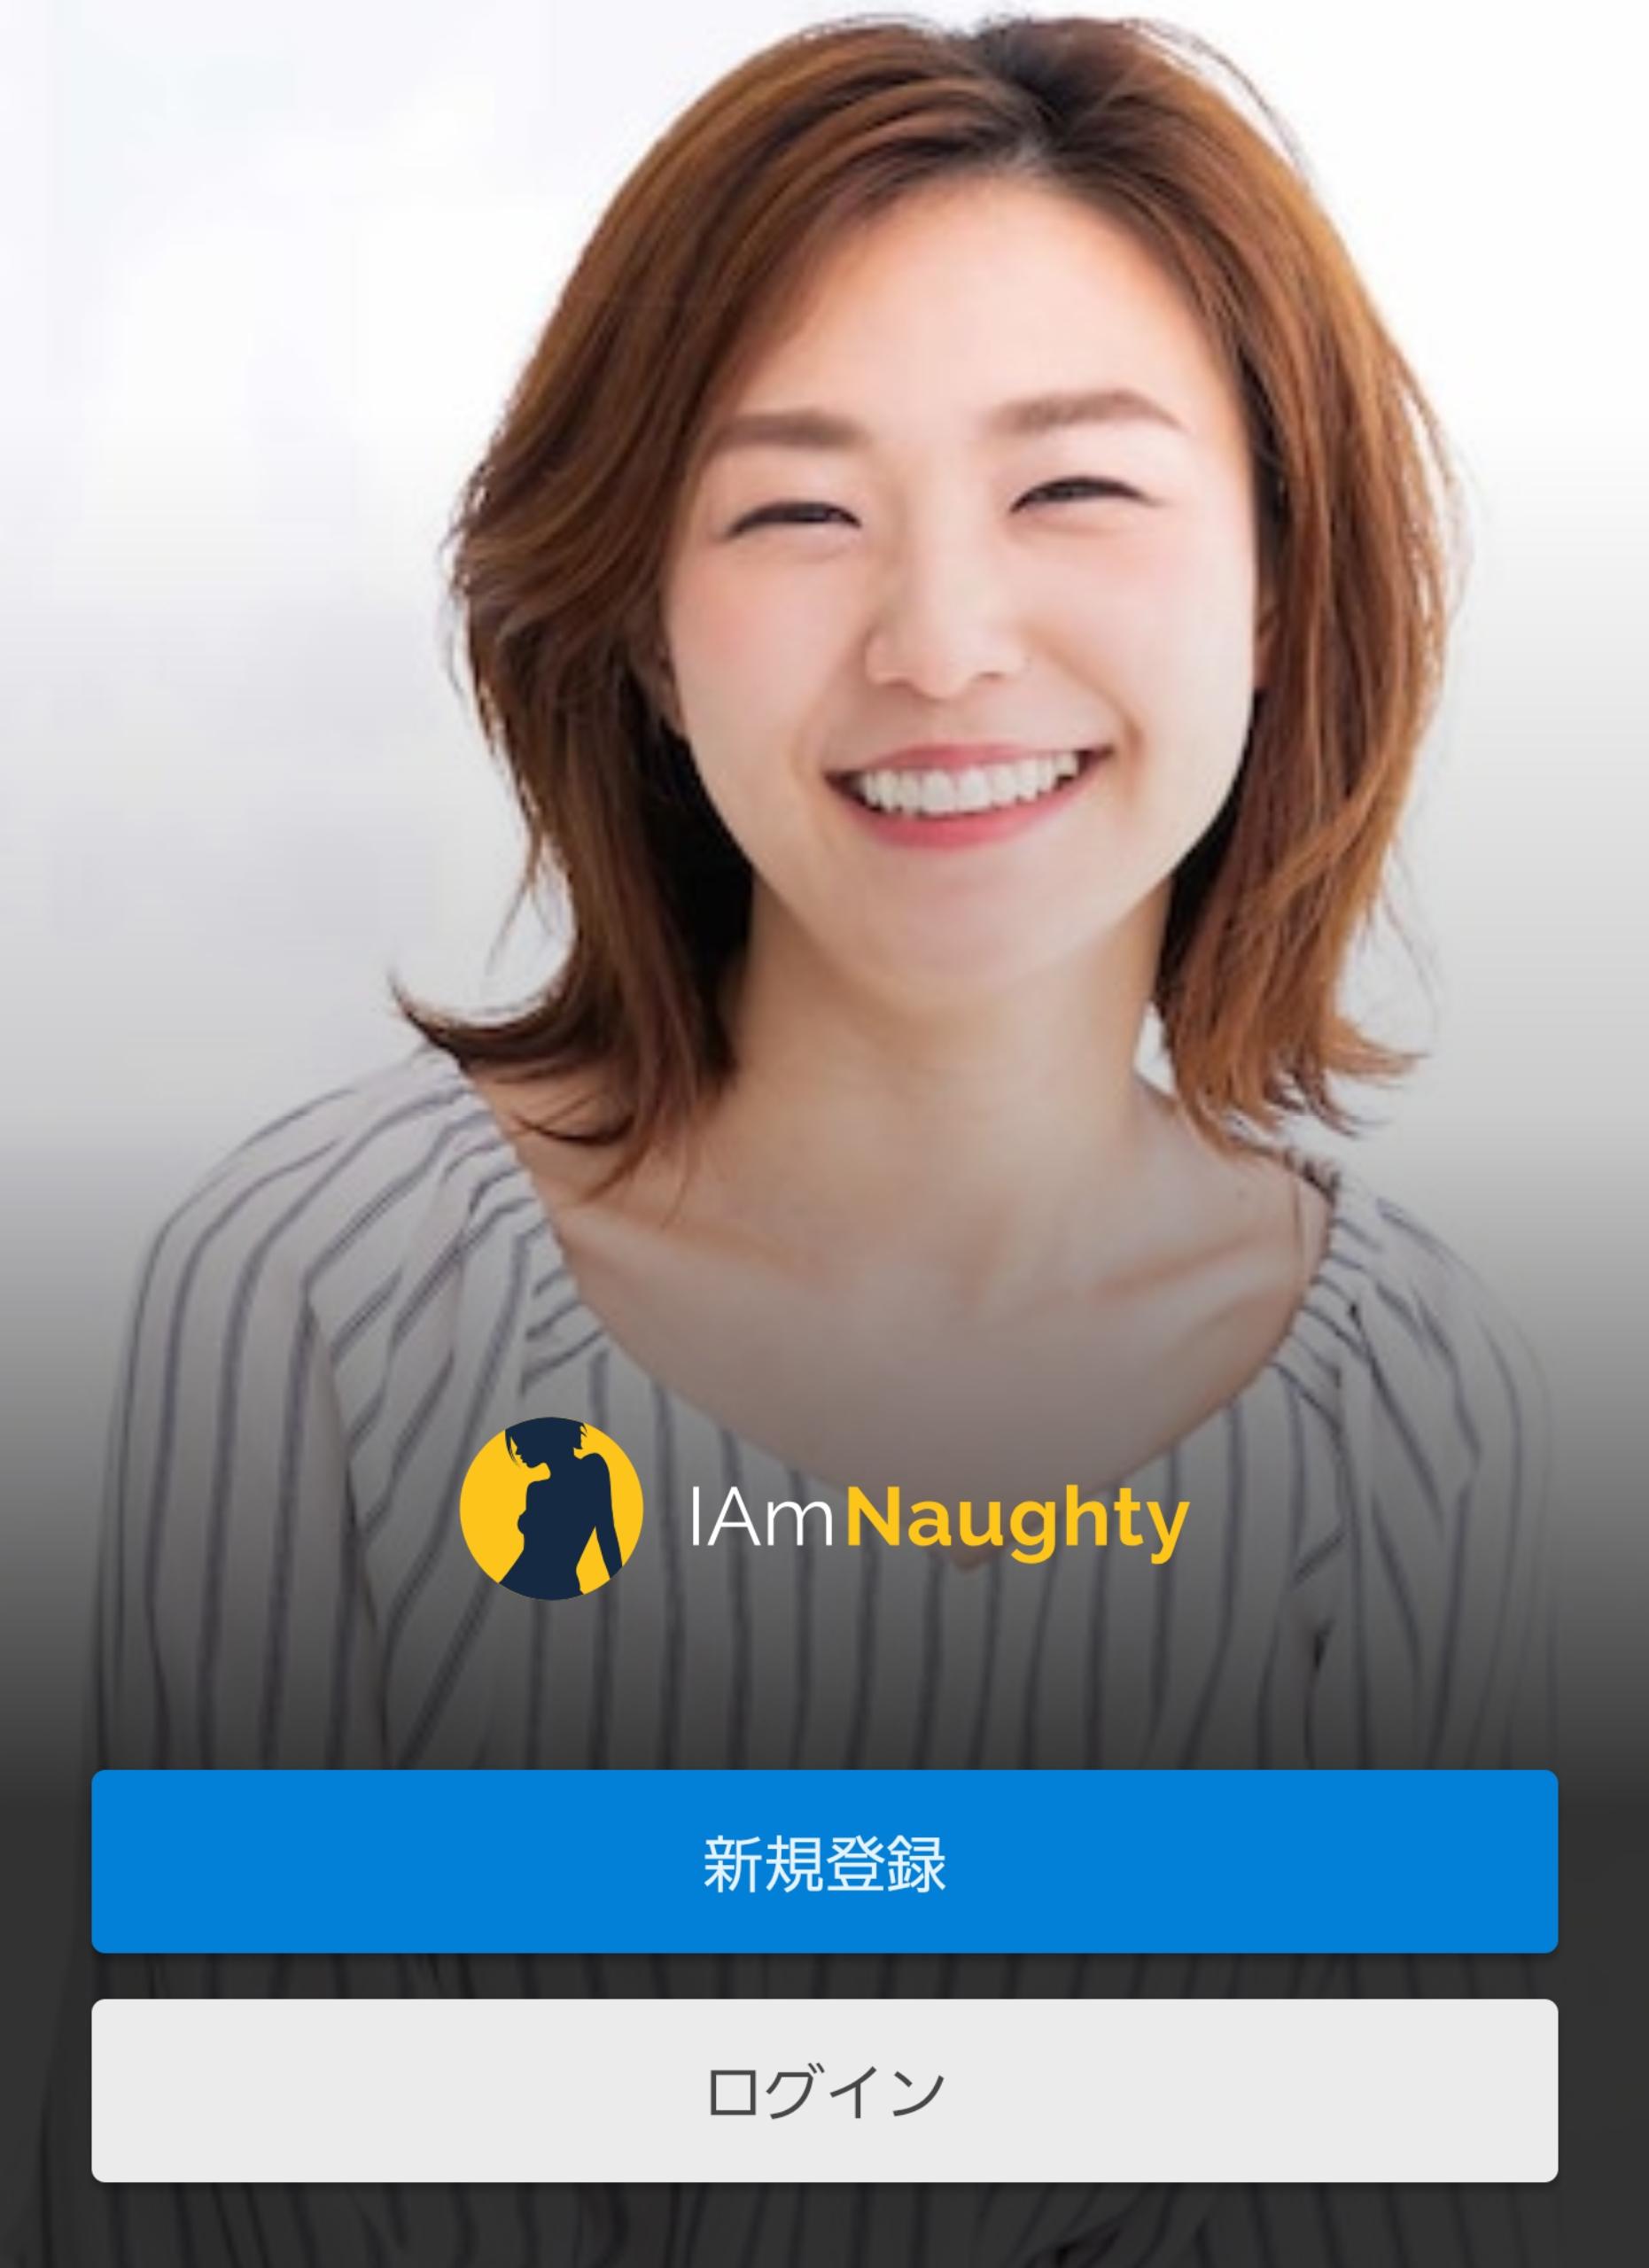 【絶対登録NG!】出会い系アプリ「iamnaughty」が怪しすぎる件について